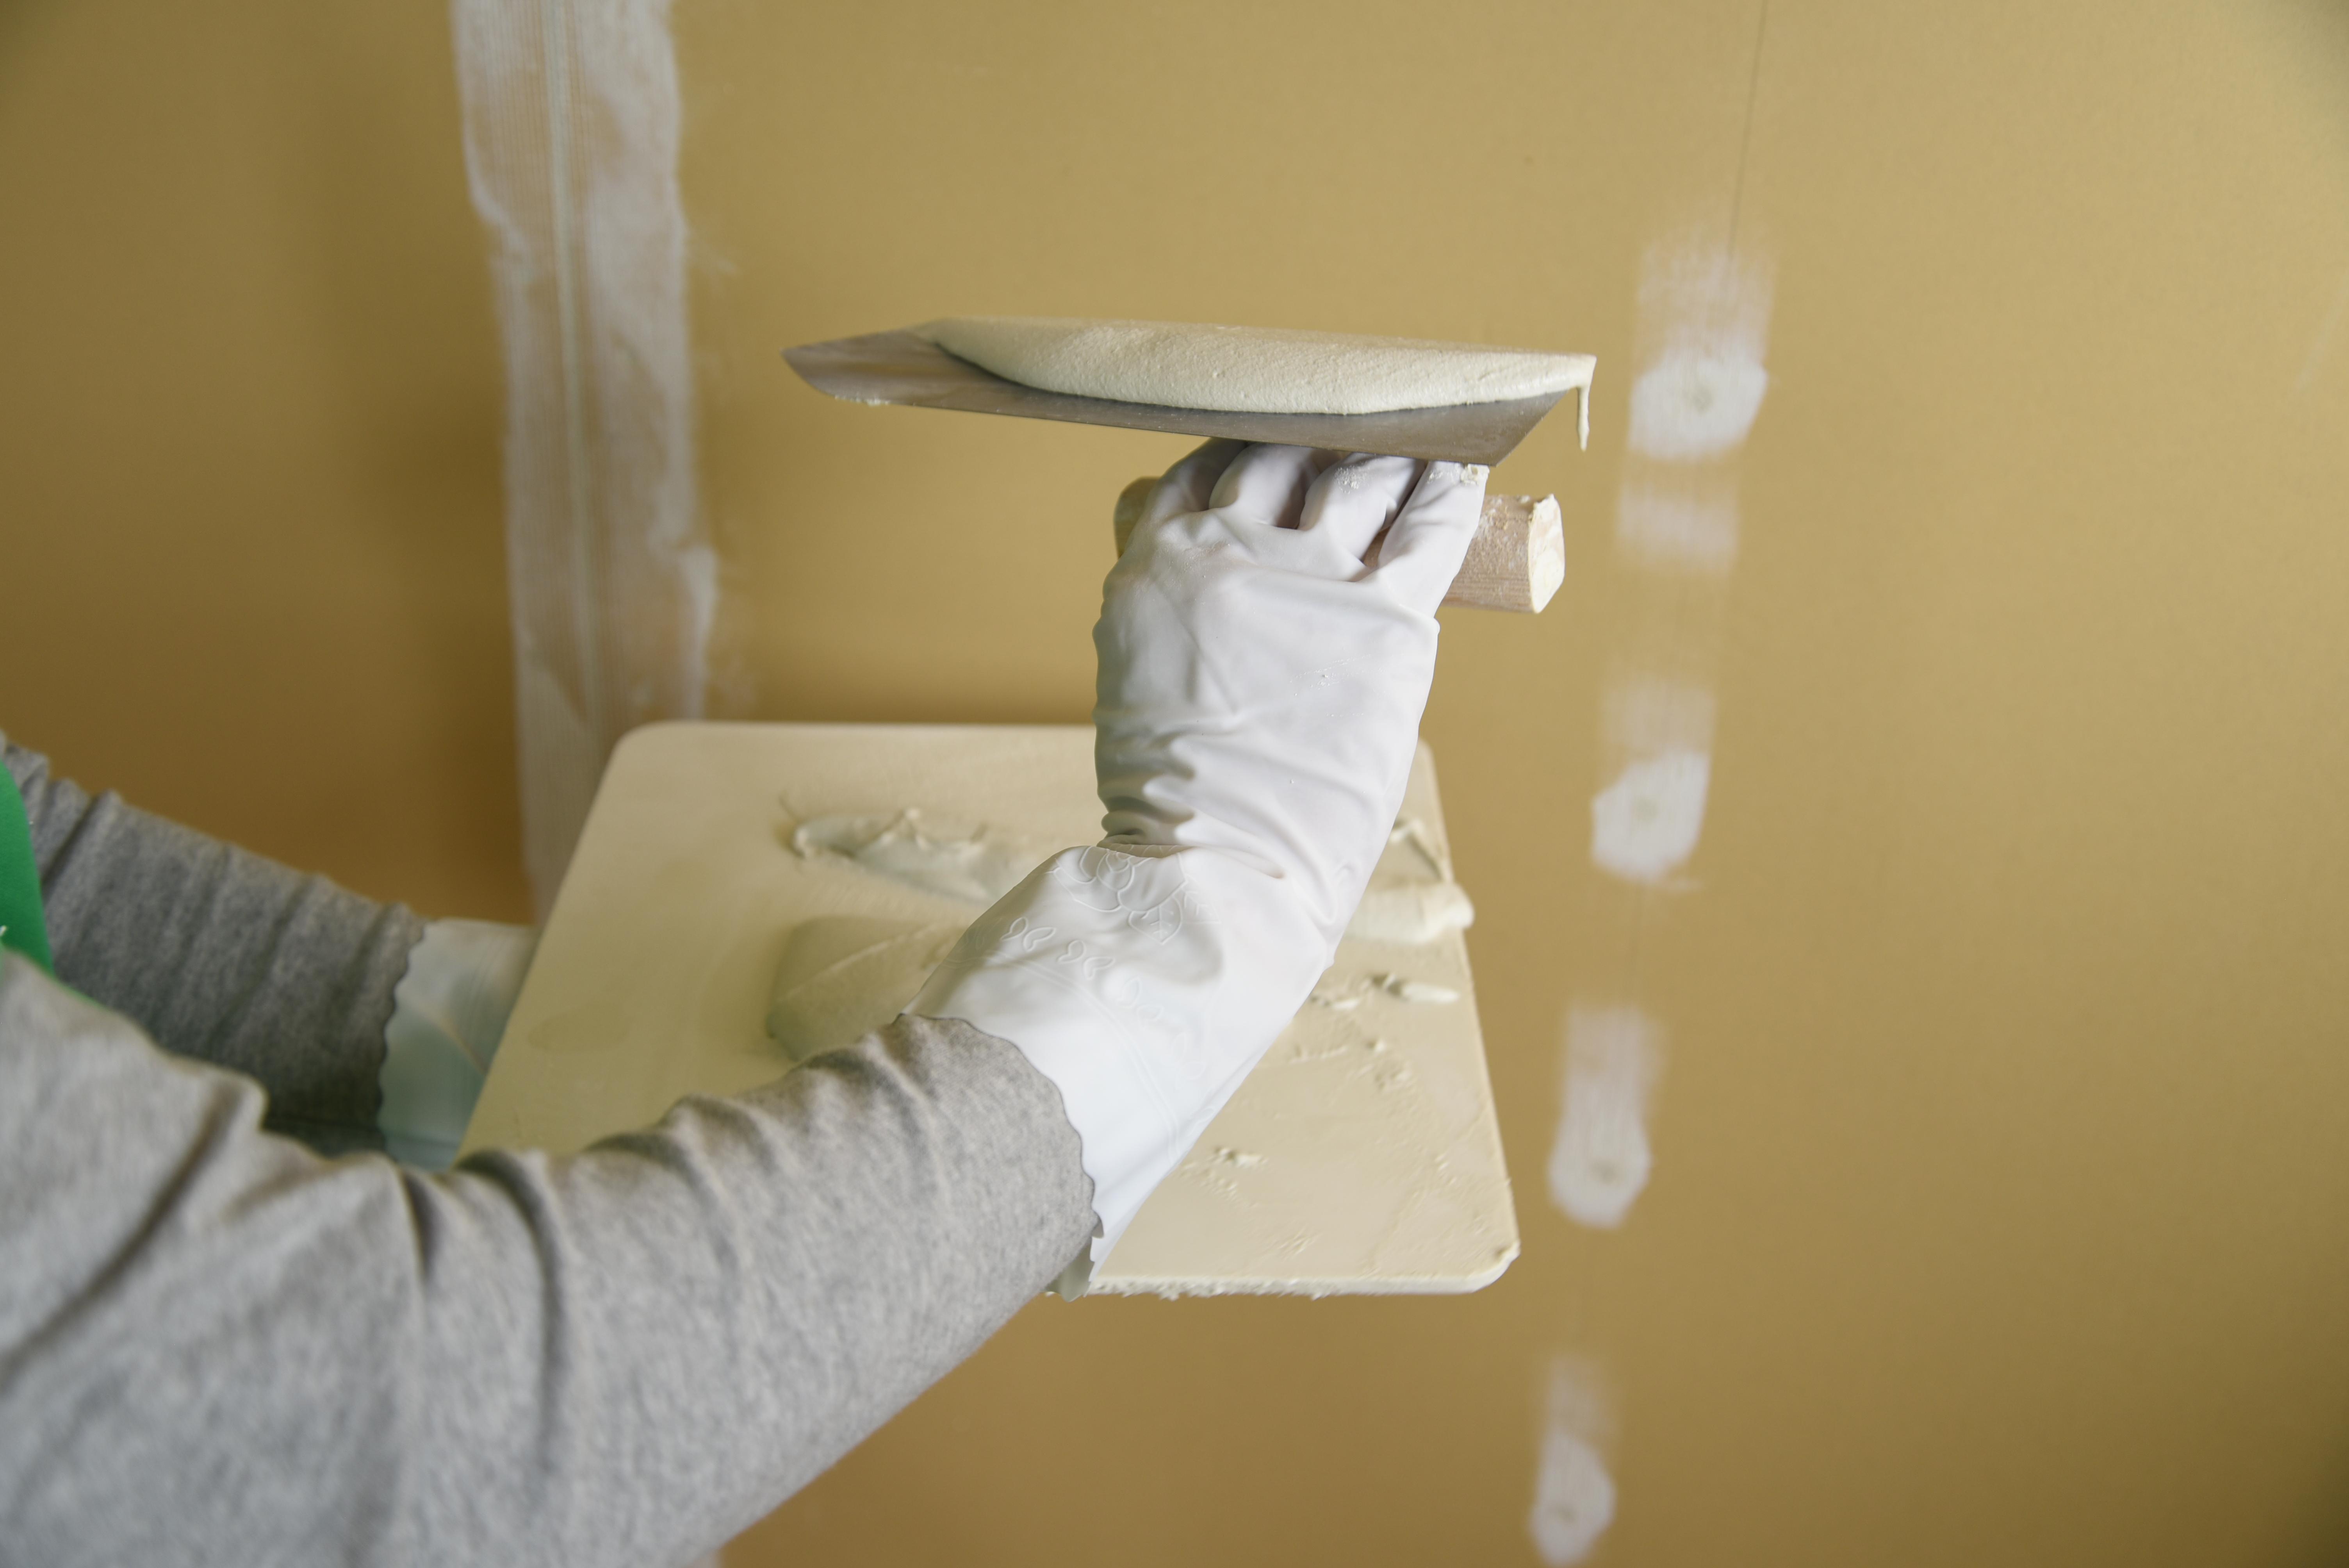 漆喰をすくう方法!盛り板からコテにすくうコツとは